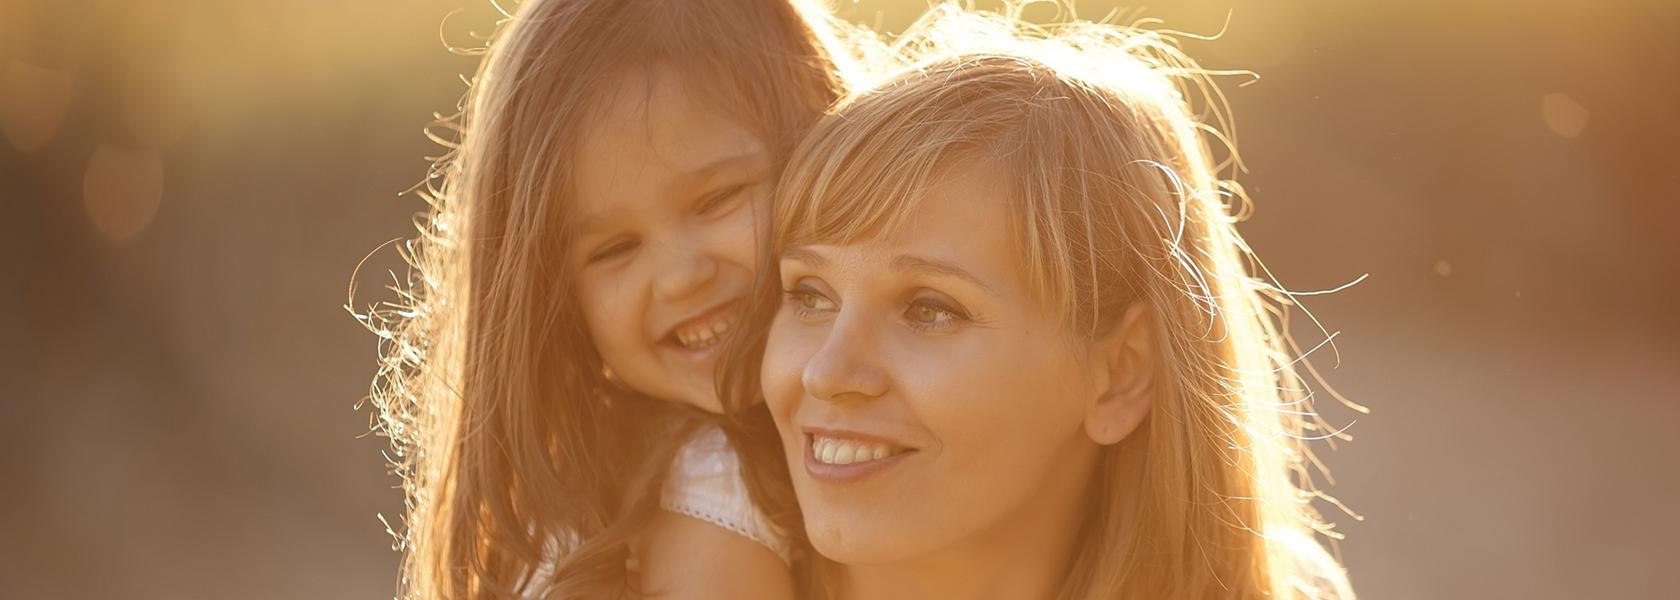 Чему каждый родитель должен научить своего ребенка - mama.ru